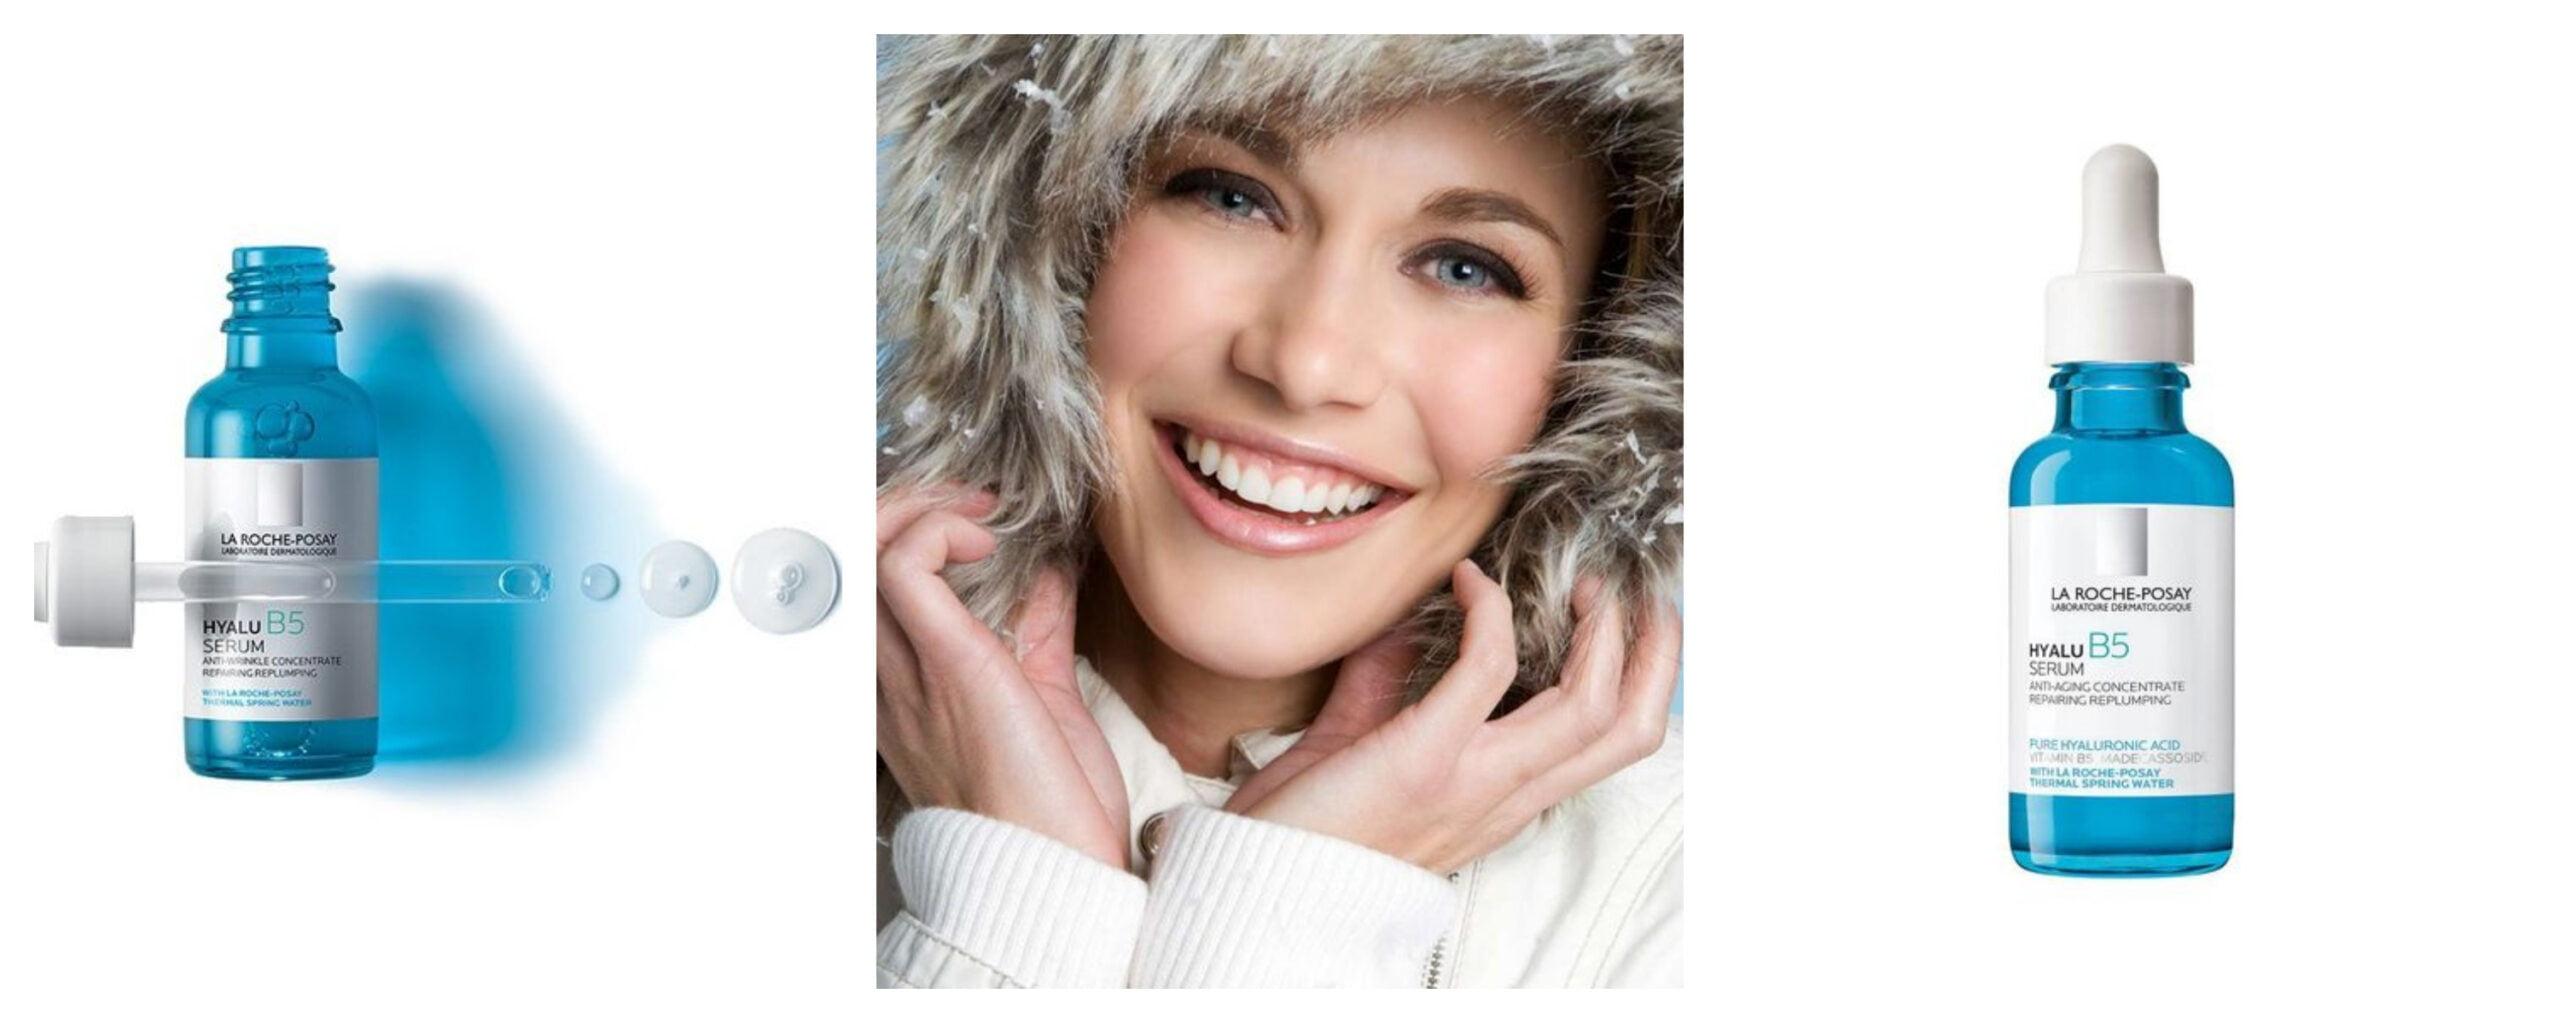 Prea delicat: regulile de îngrijire pentru pielea sensibilă pe timp de iarnă